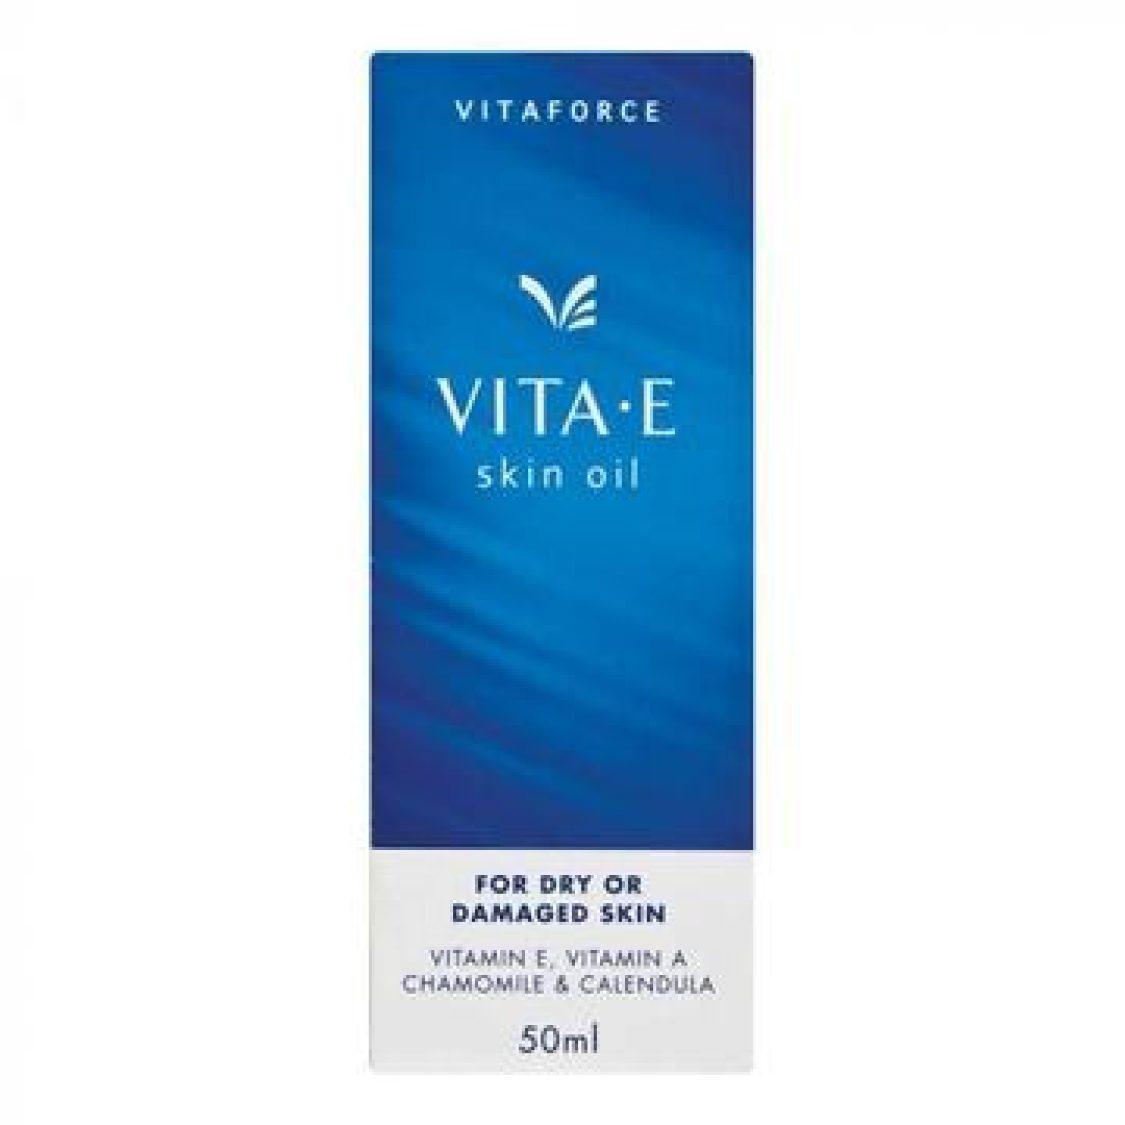 Vitaforce - Vita-E Skin Oil 50ml